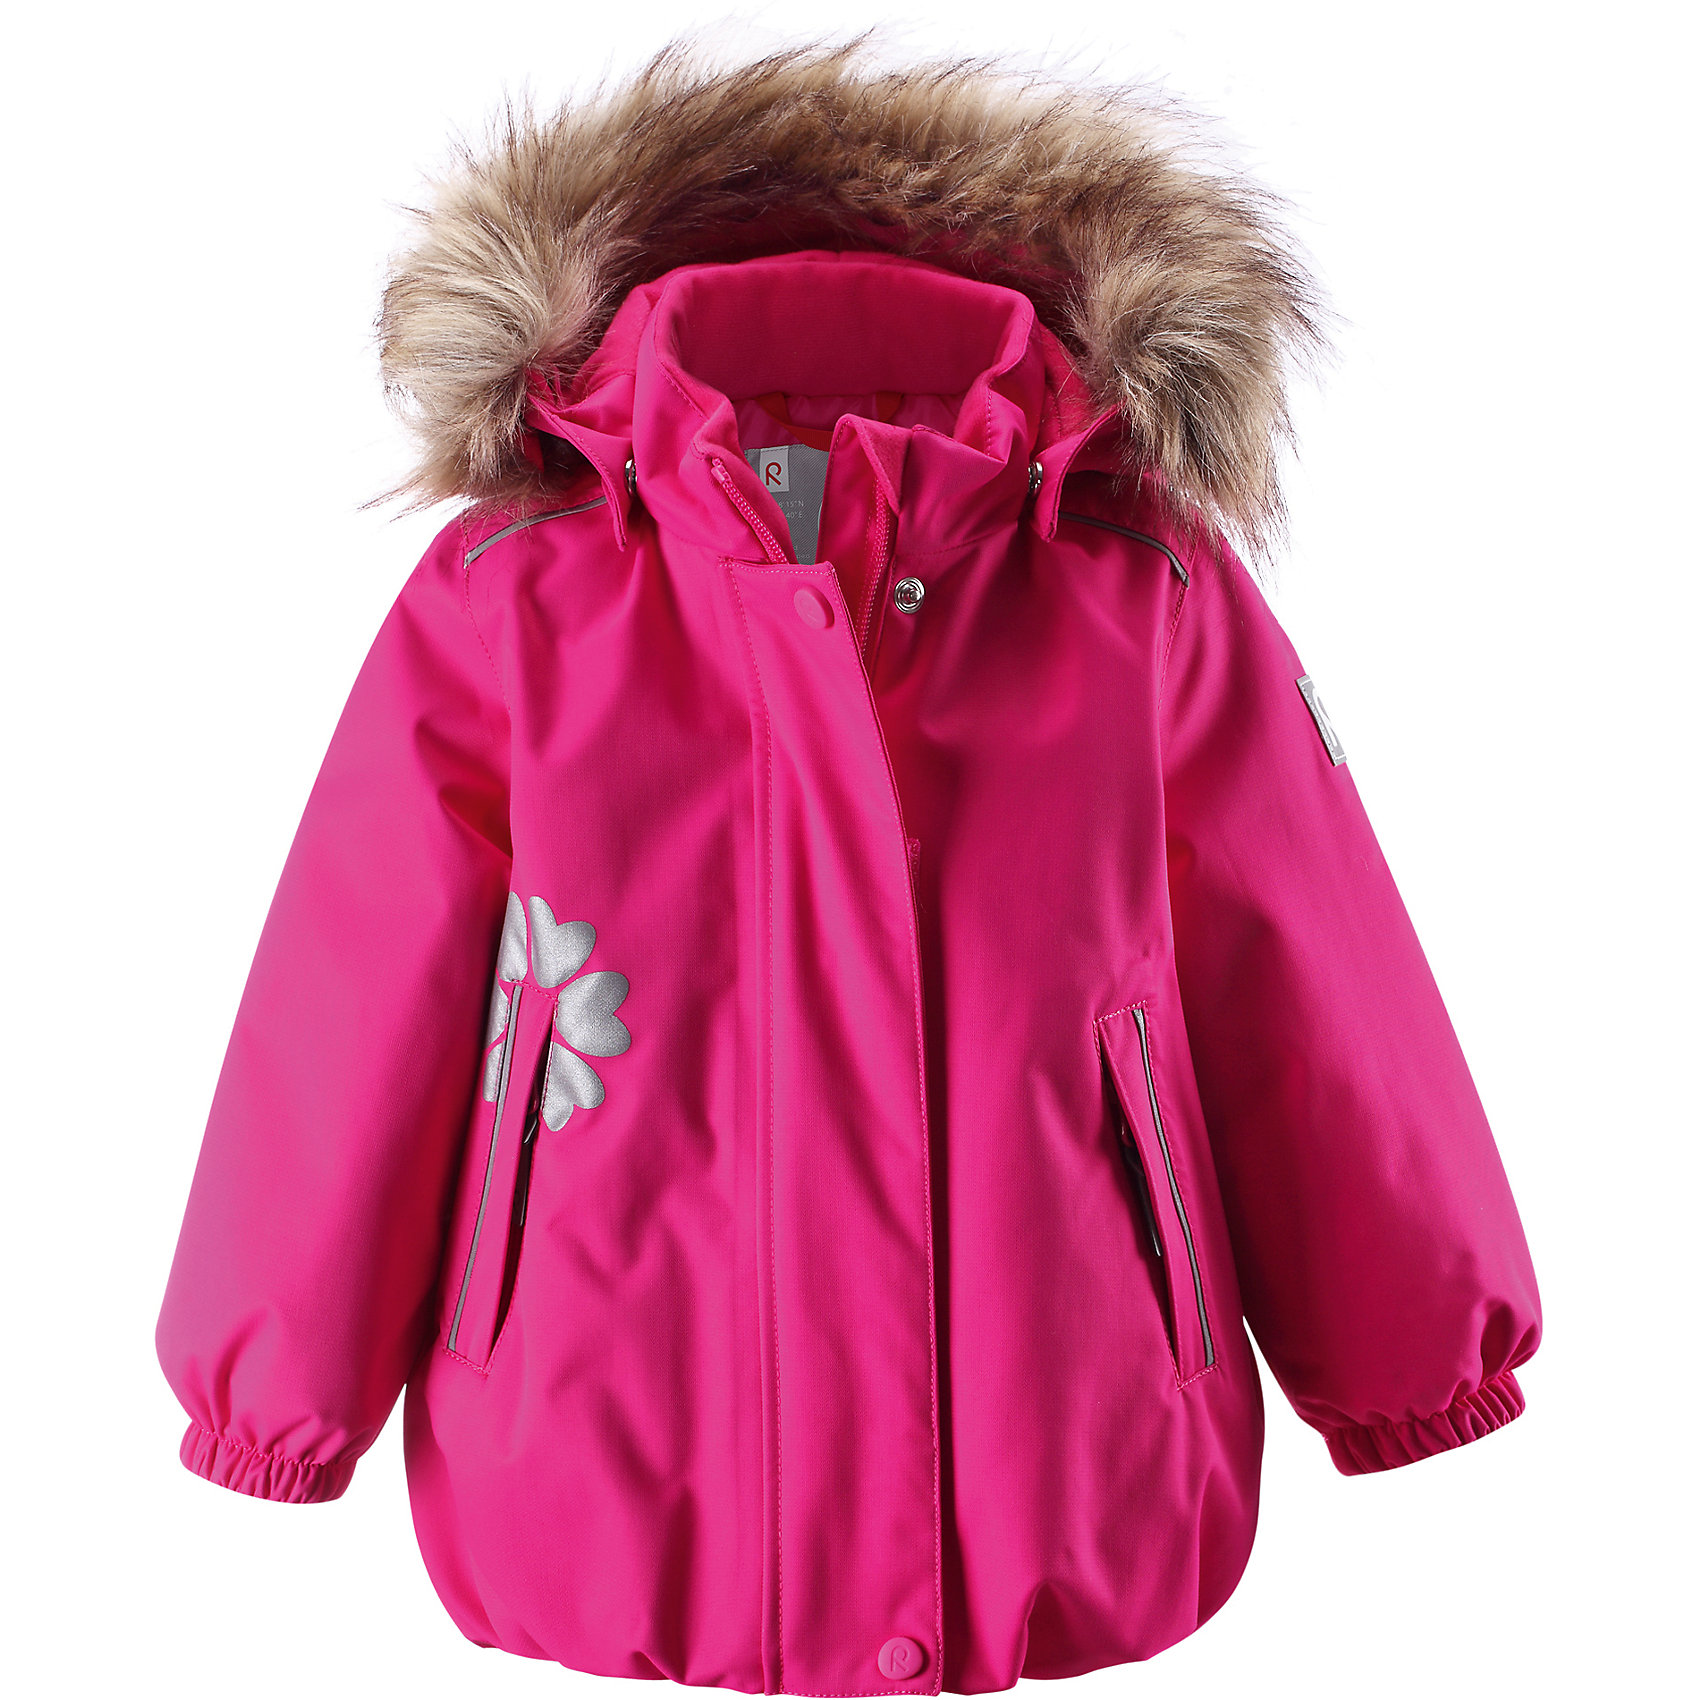 Куртка для девочки Reimatec® ReimaЭта однотонная водонепроницаемая мембранная куртка для малышей украшена светоотражающим принтом из сердечек вокруг бокового кармана. Зимняя куртка для малышей сшита из водо- и ветронепроницаемого, пропускающего воздух материала, который отталкивает грязь и влагу. Все швы куртки от Reimatec® (Рейматек) проклеены, водонепроницаемы, чтобы никакая погода не смогла помешать весёлым зимним приключениям! Ткань пропускает воздух, поэтому ребёнок не вспотеет, как бы быстро он ни двигался. Куртка с подкладкой из гладкого полиэстера легко одевается и удобно носится с тёплым промежуточным слоем. Вы заметили, что к куртке можно легко пристегнуть многие из промежуточных слоёв Reima? Благодаря удобным кнопкам для пристегивания промежуточного слоя к верхней одежде по системе Playlayers®, многие флисовые кофты можно пристегнуть к куртке, чтобы малышу было теплее и комфортнее. Съёмный и регулируемый капюшон не только защищает от холодного ветра, но и безопасен во время игр на свежем воздухе! Если закреплённый кнопками капюшон зацепится за что-нибудь, он легко отстегнётся. Когда пойдёте гулять, в карманы на молниях можно положить крошечные сокровища, а светоотражающие детали обеспечат видимость в темноте. Стиль этой очаровательной куртки подчёркнут пышным подолом, остроконечным капюшоном с отстёгивающейся отделкой из искусственного меха и светоотражающим цветком. Эта куртка не требует особого ухода. Можно сушить в центрифуге.<br><br>Водонепроницаемая зимняя куртка, модель для девочек<br>Все швы проклеены, водонепроницаемы<br>Безопасный съёмный капюшон с отстёгивающейся отделкой из искусственного меха<br>Два кармана на молниях<br>Светоотражающие детали для безопасности<br>Состав:<br>100% ПА, ПУ-покрытие<br>Средняя степень утепления (до - 20)<br><br>Куртку для девочки Reimatec® (Рейматек) Reima (Рейма) можно купить в нашем магазине.<br><br>Ширина мм: 356<br>Глубина мм: 10<br>Высота мм: 245<br>Вес г: 519<br>Цвет: розовый<br>Возраст от месяцев: 6<br>Возра